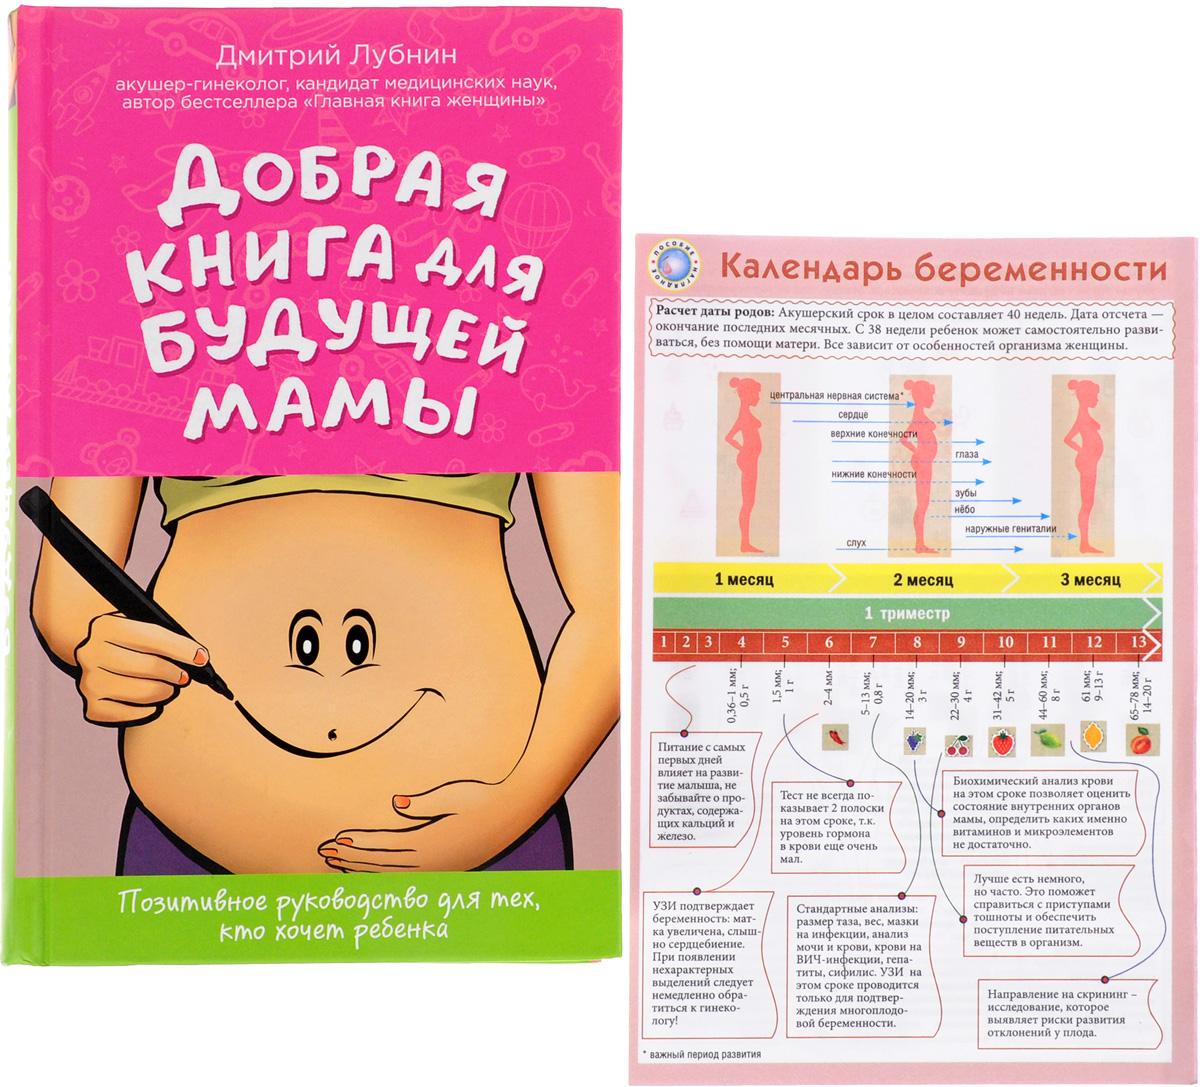 Добрая книга для будущей мамы. Позитивное руководство для тех, кто хочет ребенка (+ календарь беременности)